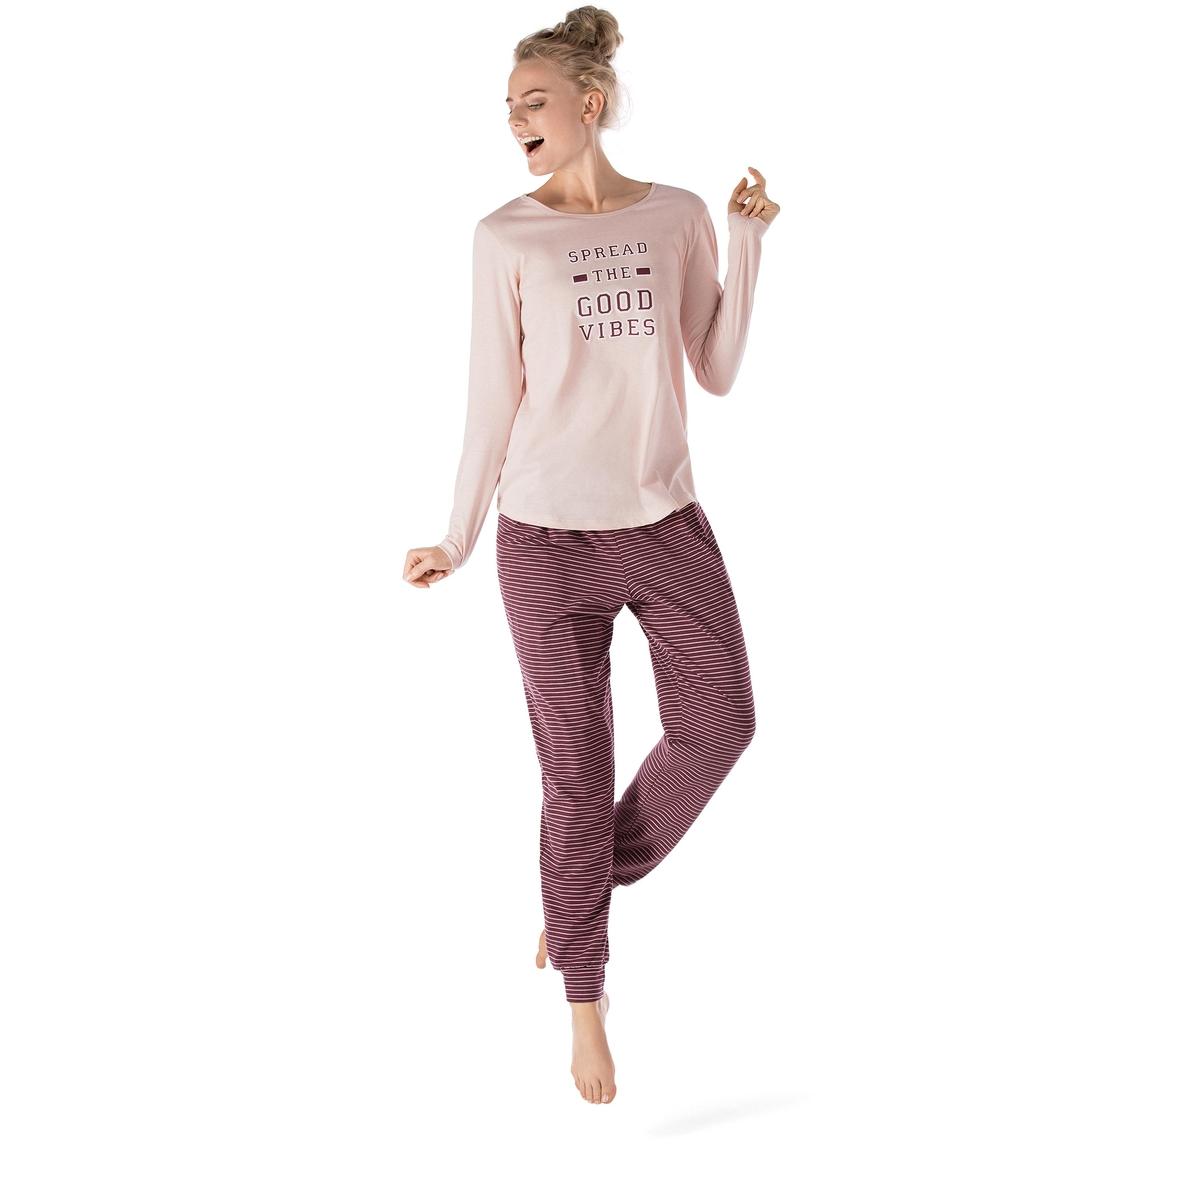 Комплект пижамный длинный College GirlСостав &amp; Детали :Основной материал брюк : 92% хлопка, 8% эластанаОсновной материал верха  : 100% хлопка Марка : SKINYУход :Машинная стирка при 30° Стирать вместе с одеждой подобных цветовСтирать и гладить с изнаночной стороныМашинная сушка и сухая чистка запрещены<br><br>Цвет: розовый/бордовый<br>Размер: 42 (FR) - 48 (RUS)